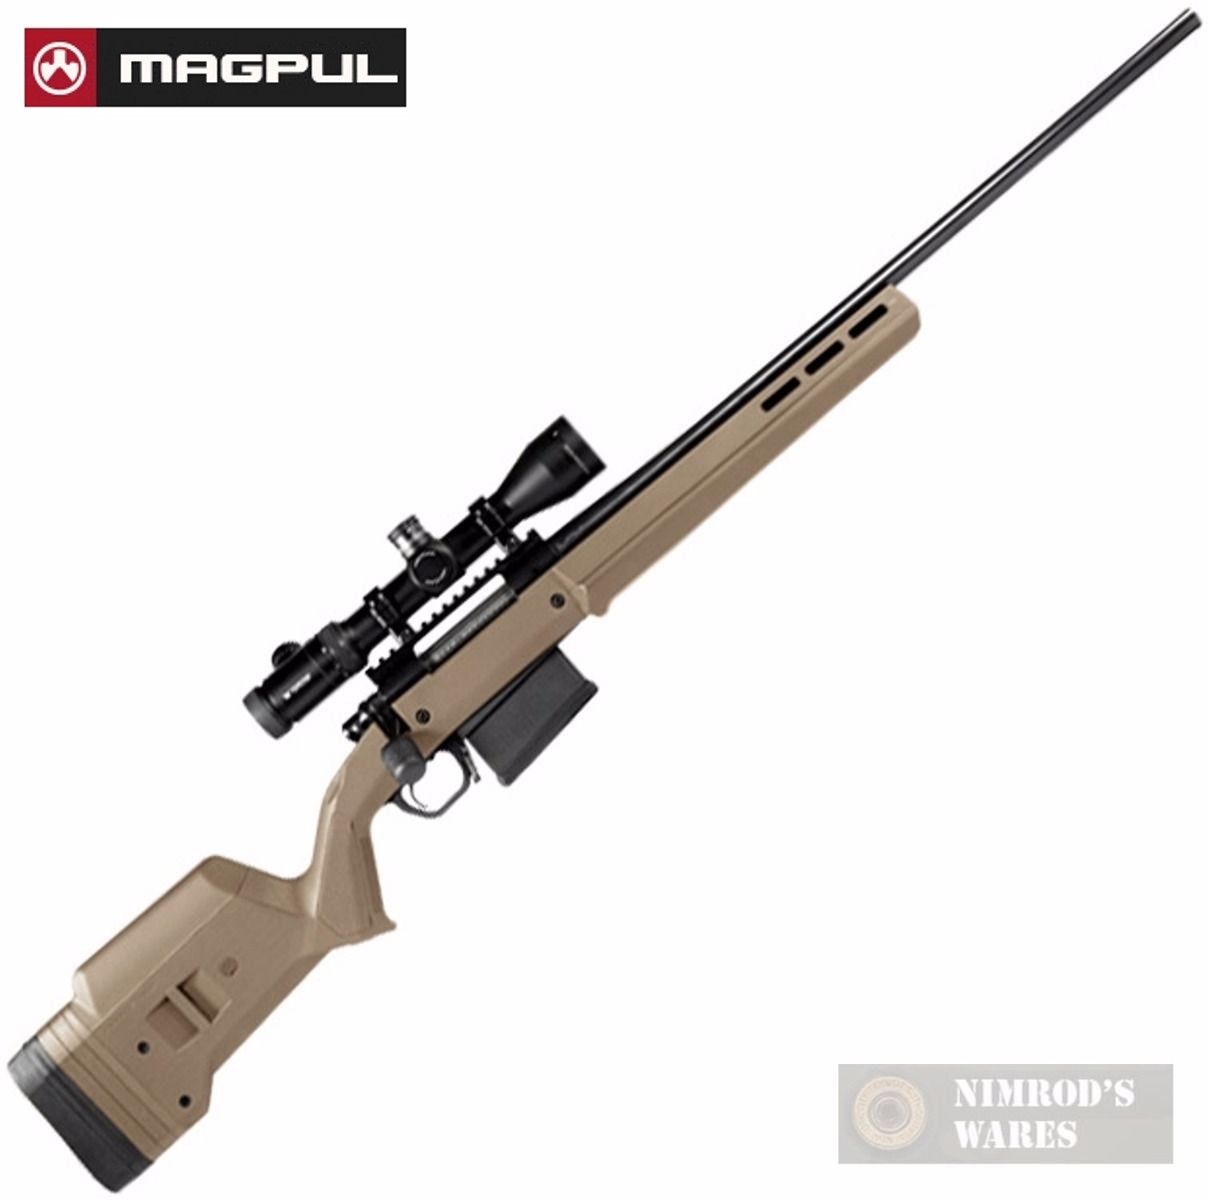 MAGPUL HUNTER 700L Remington 700 Long Action STOCK/CHASSIS MAG483-FDE